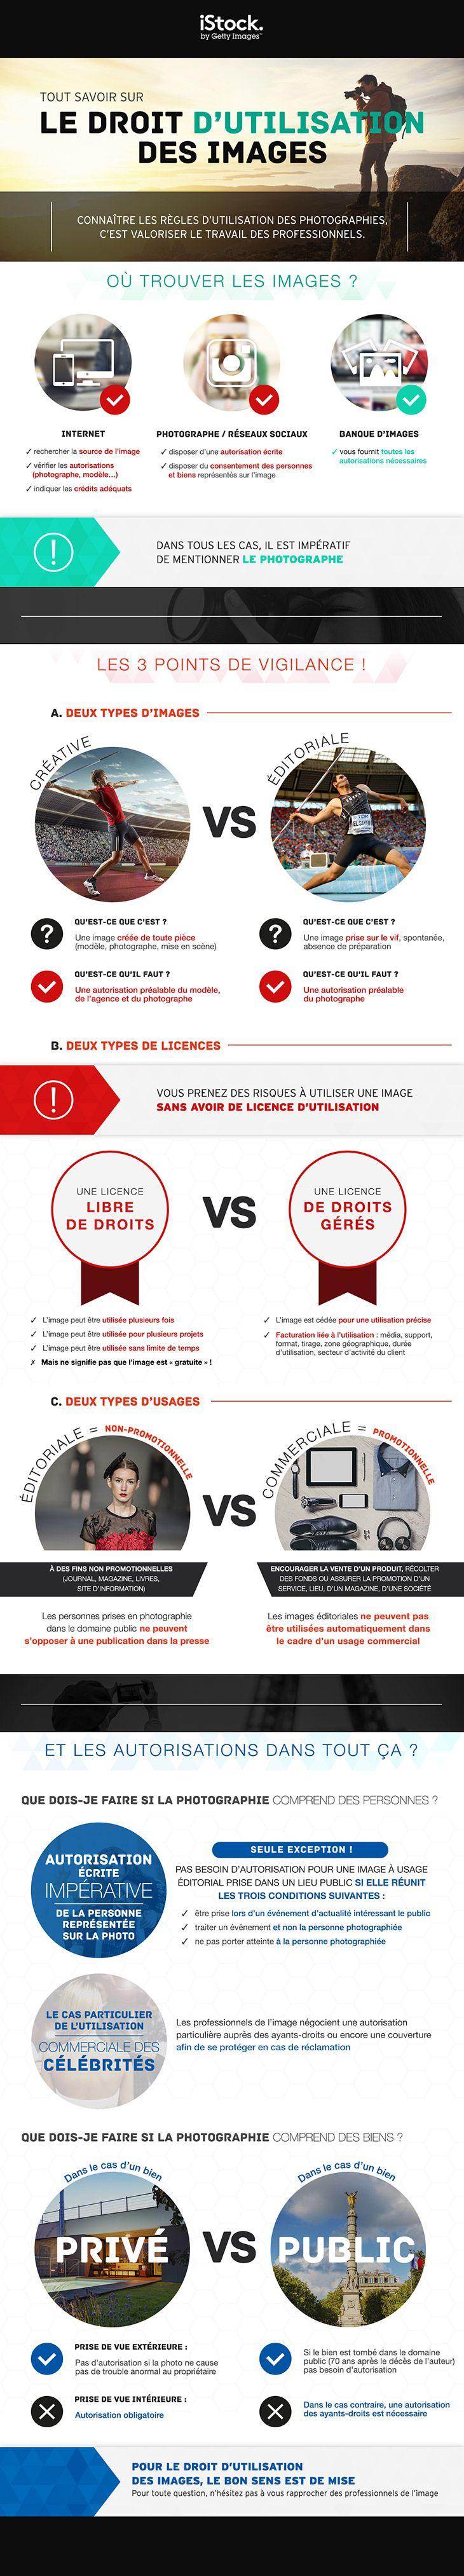 excellente  infographie pour clarifier les droits sur les